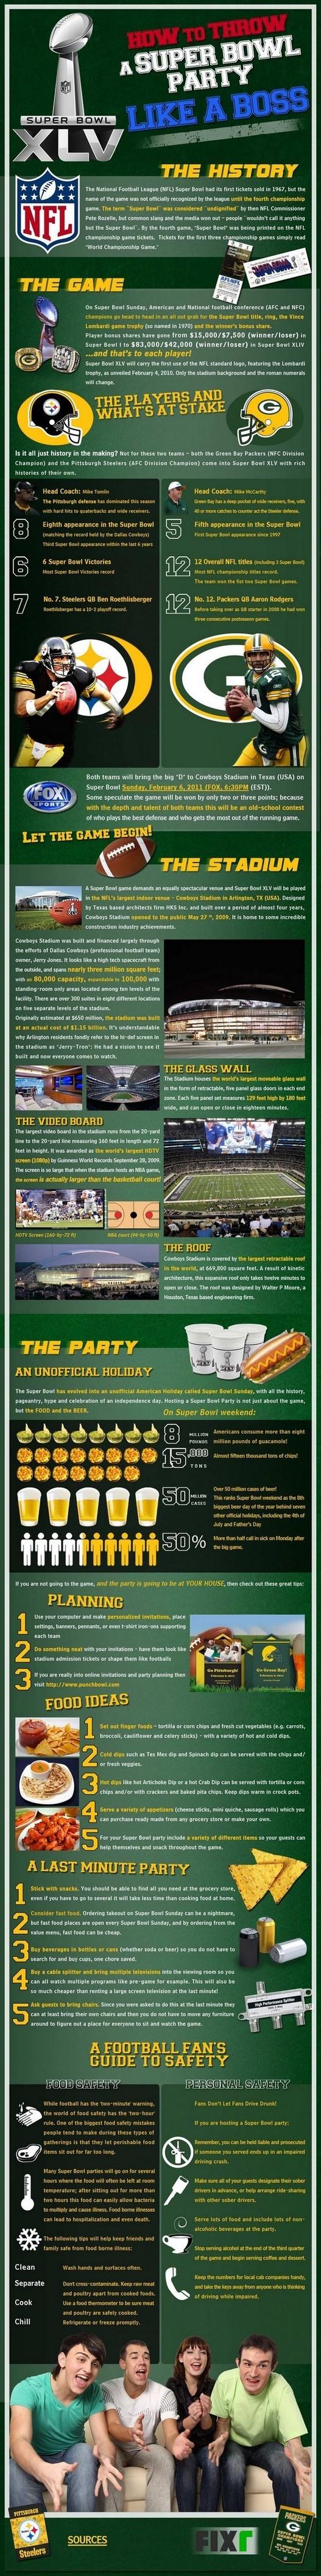 Tout sur le Super Bowl 2011 en 2 images